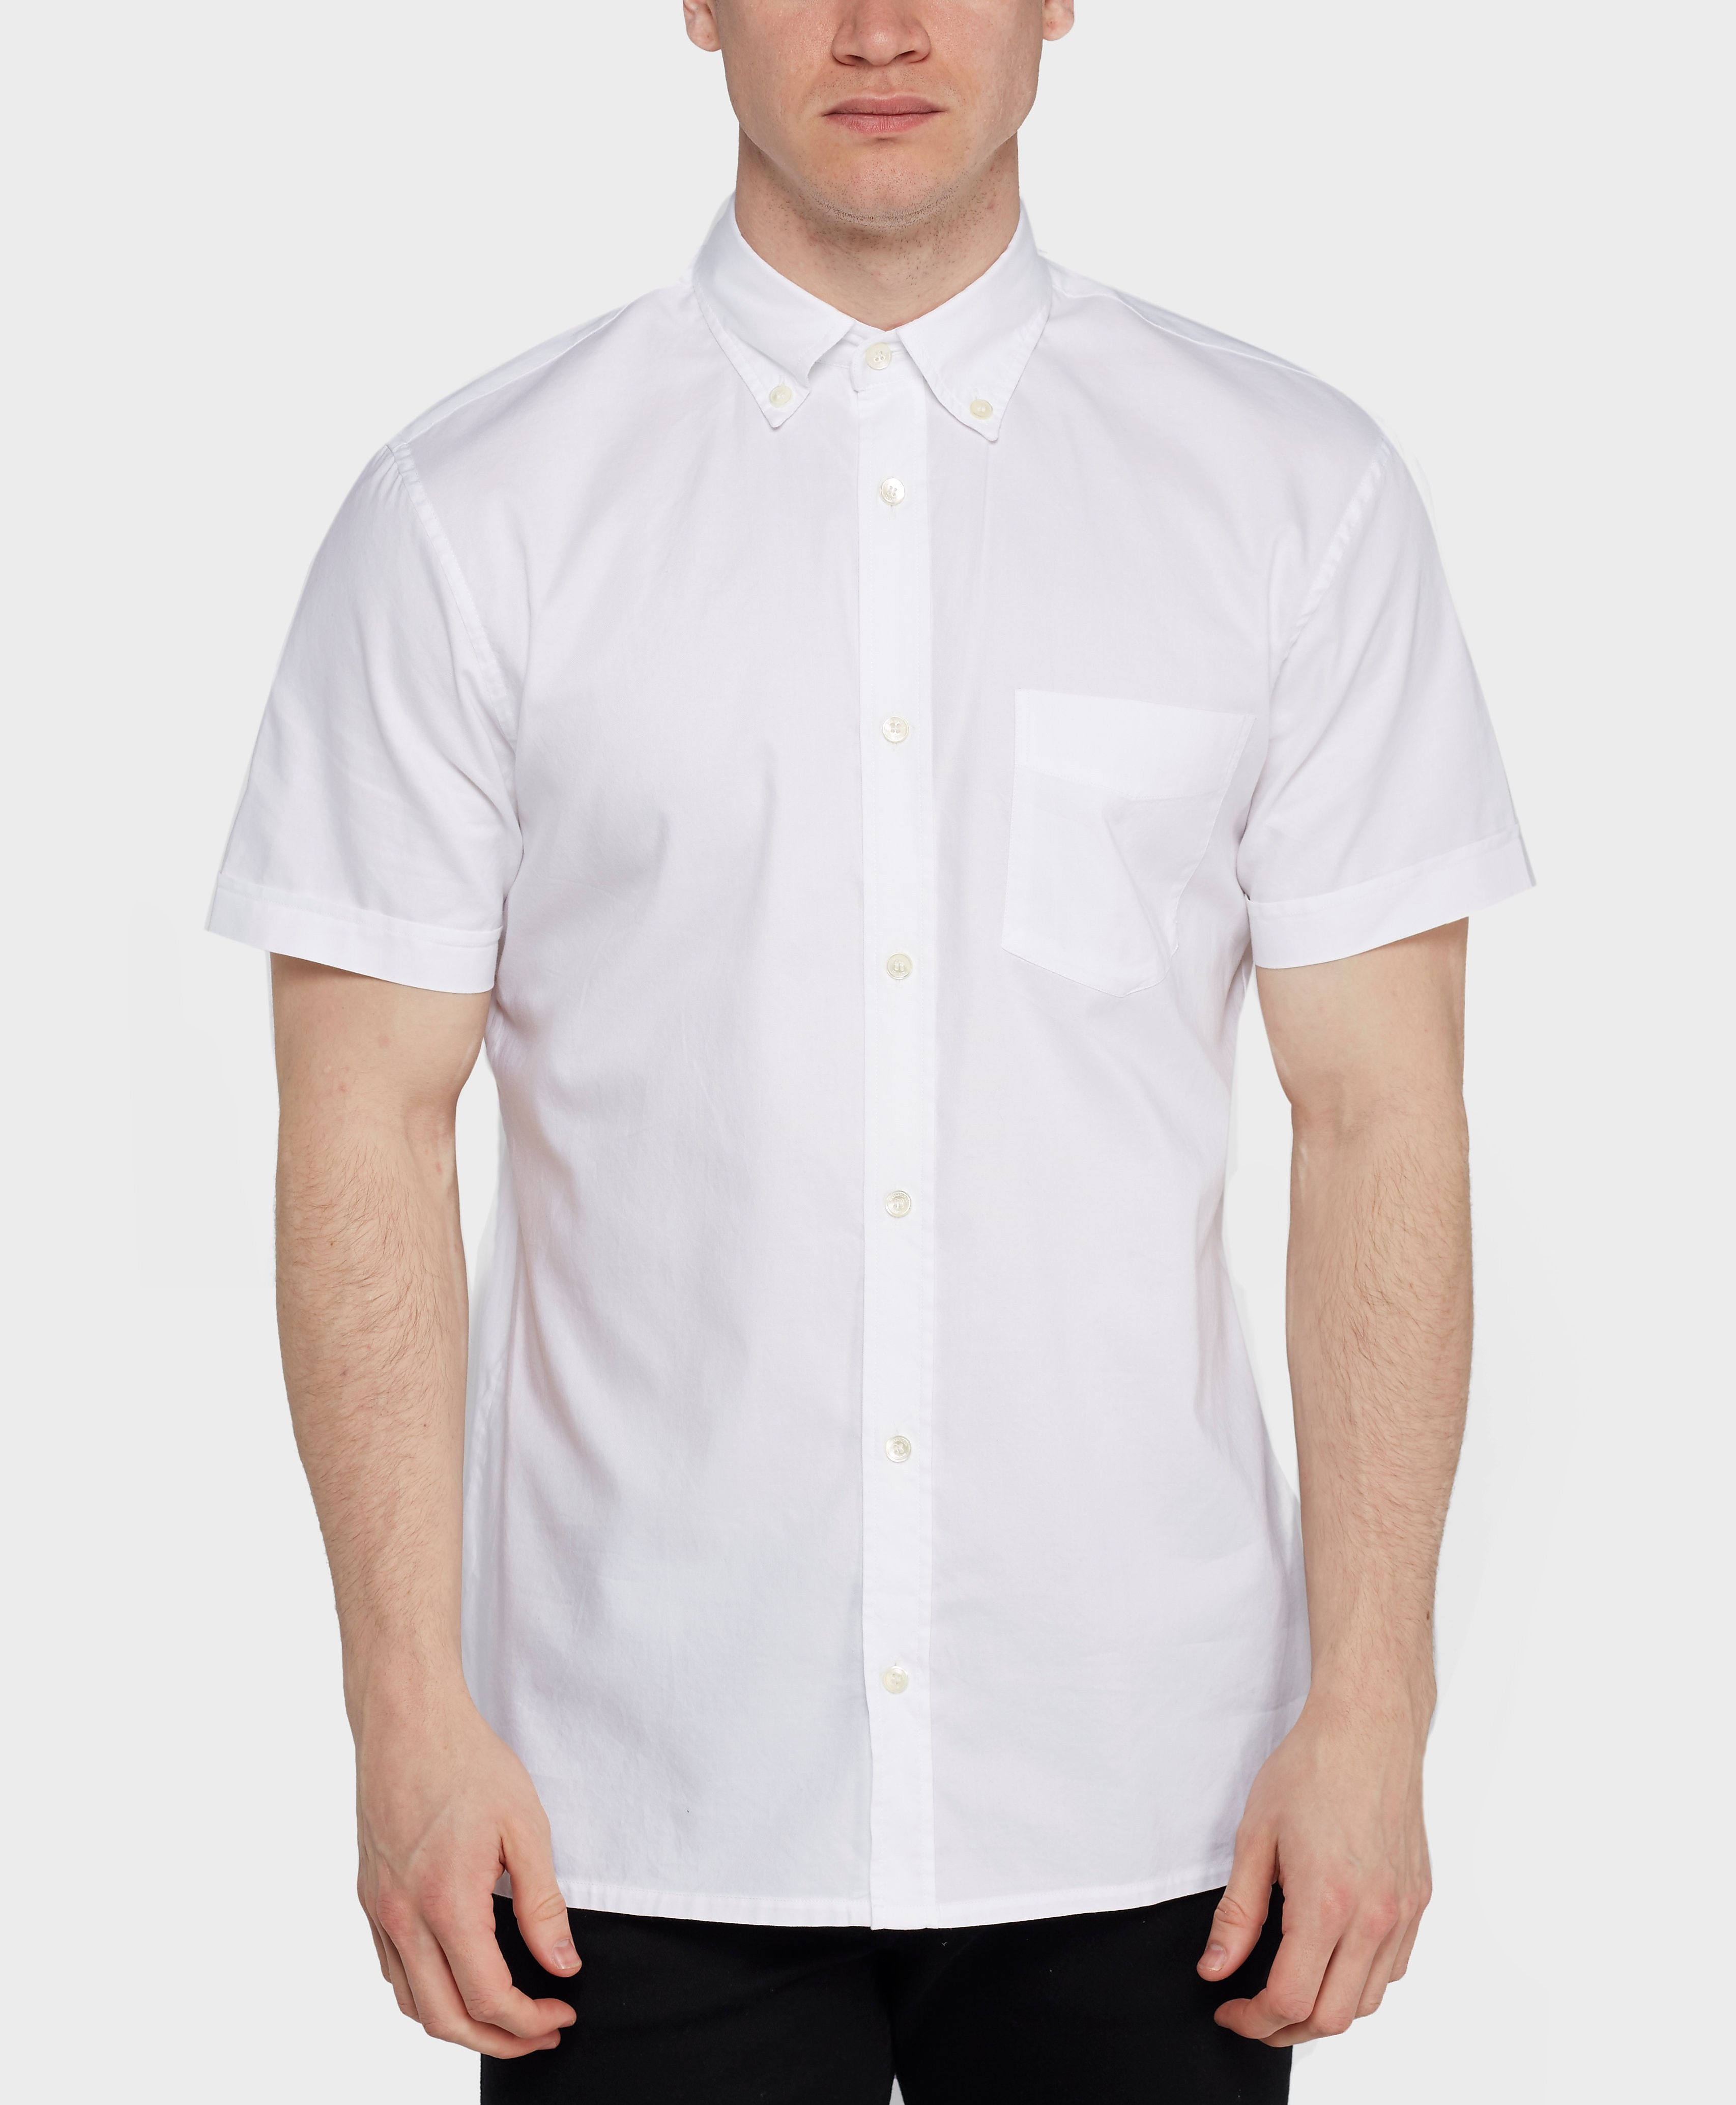 Aquascutum Ashford Short Sleeve Oxford Shirt